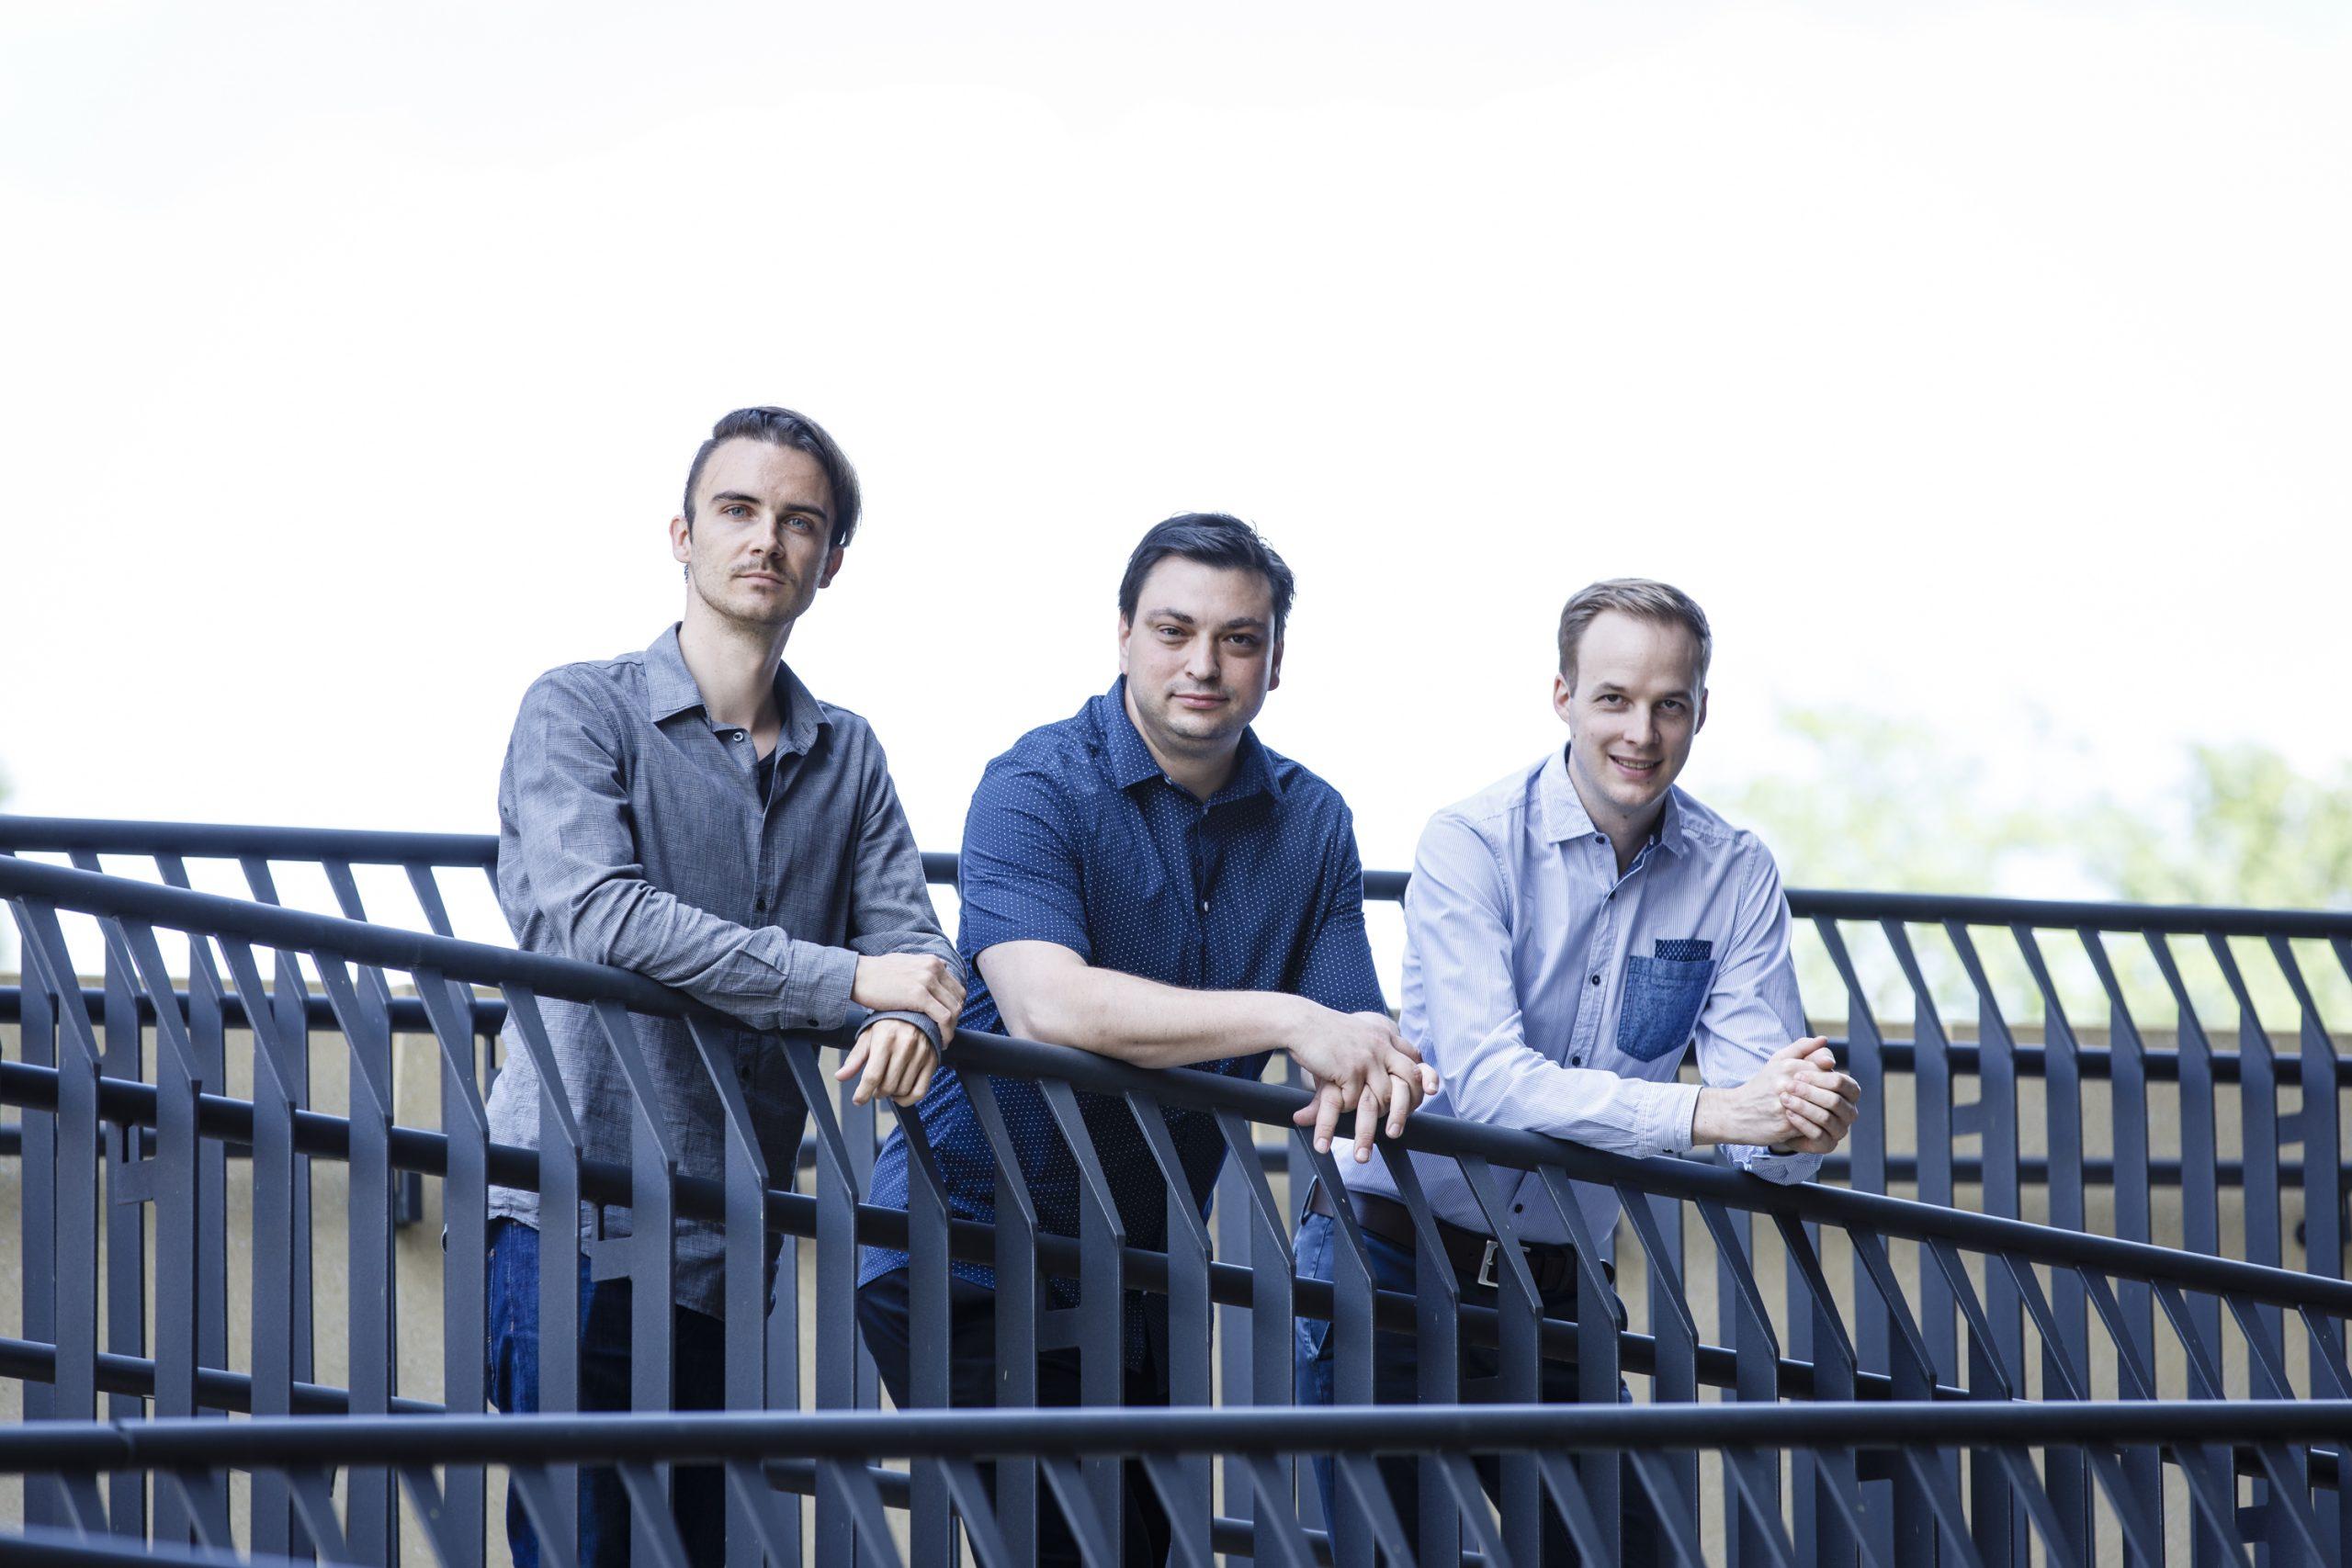 Setzen auf künstliche Intelligenz: CTO Christian Weber, CEO Patrick Ratheiser und Vice President Stefan Schmidhofer (Foto: Luef)